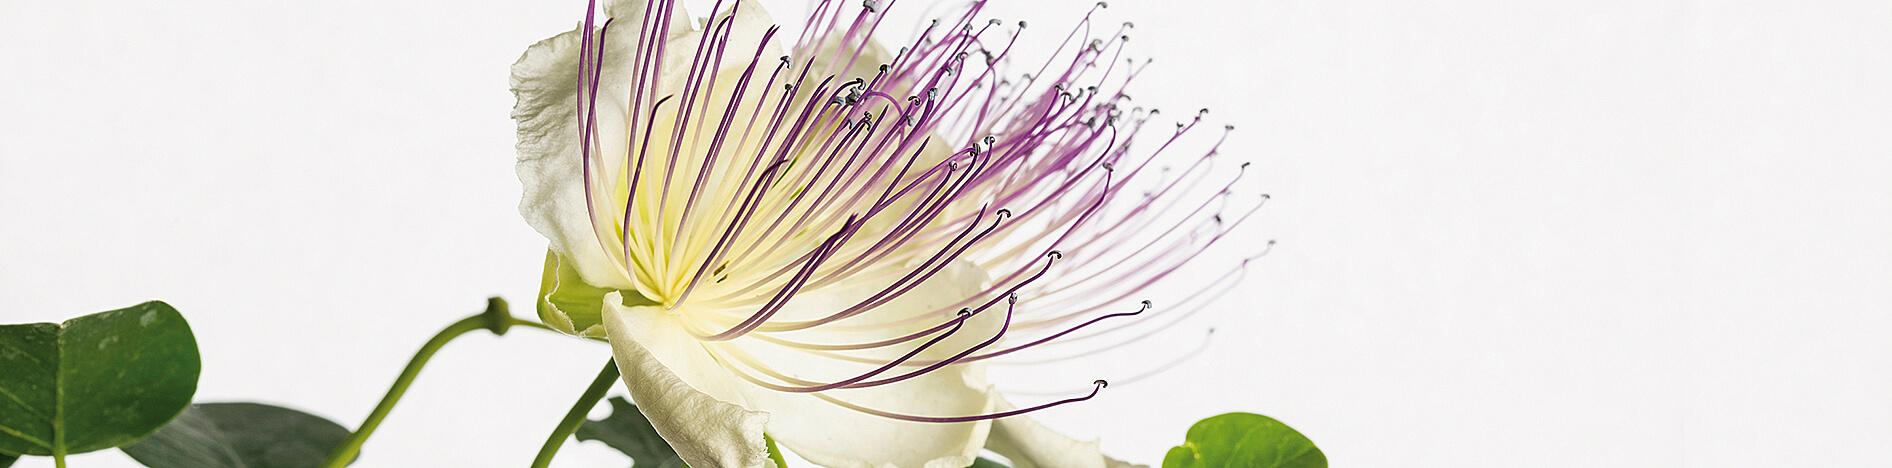 Estratti piante e fiori per il benessere del corpo ! Arcangea.it